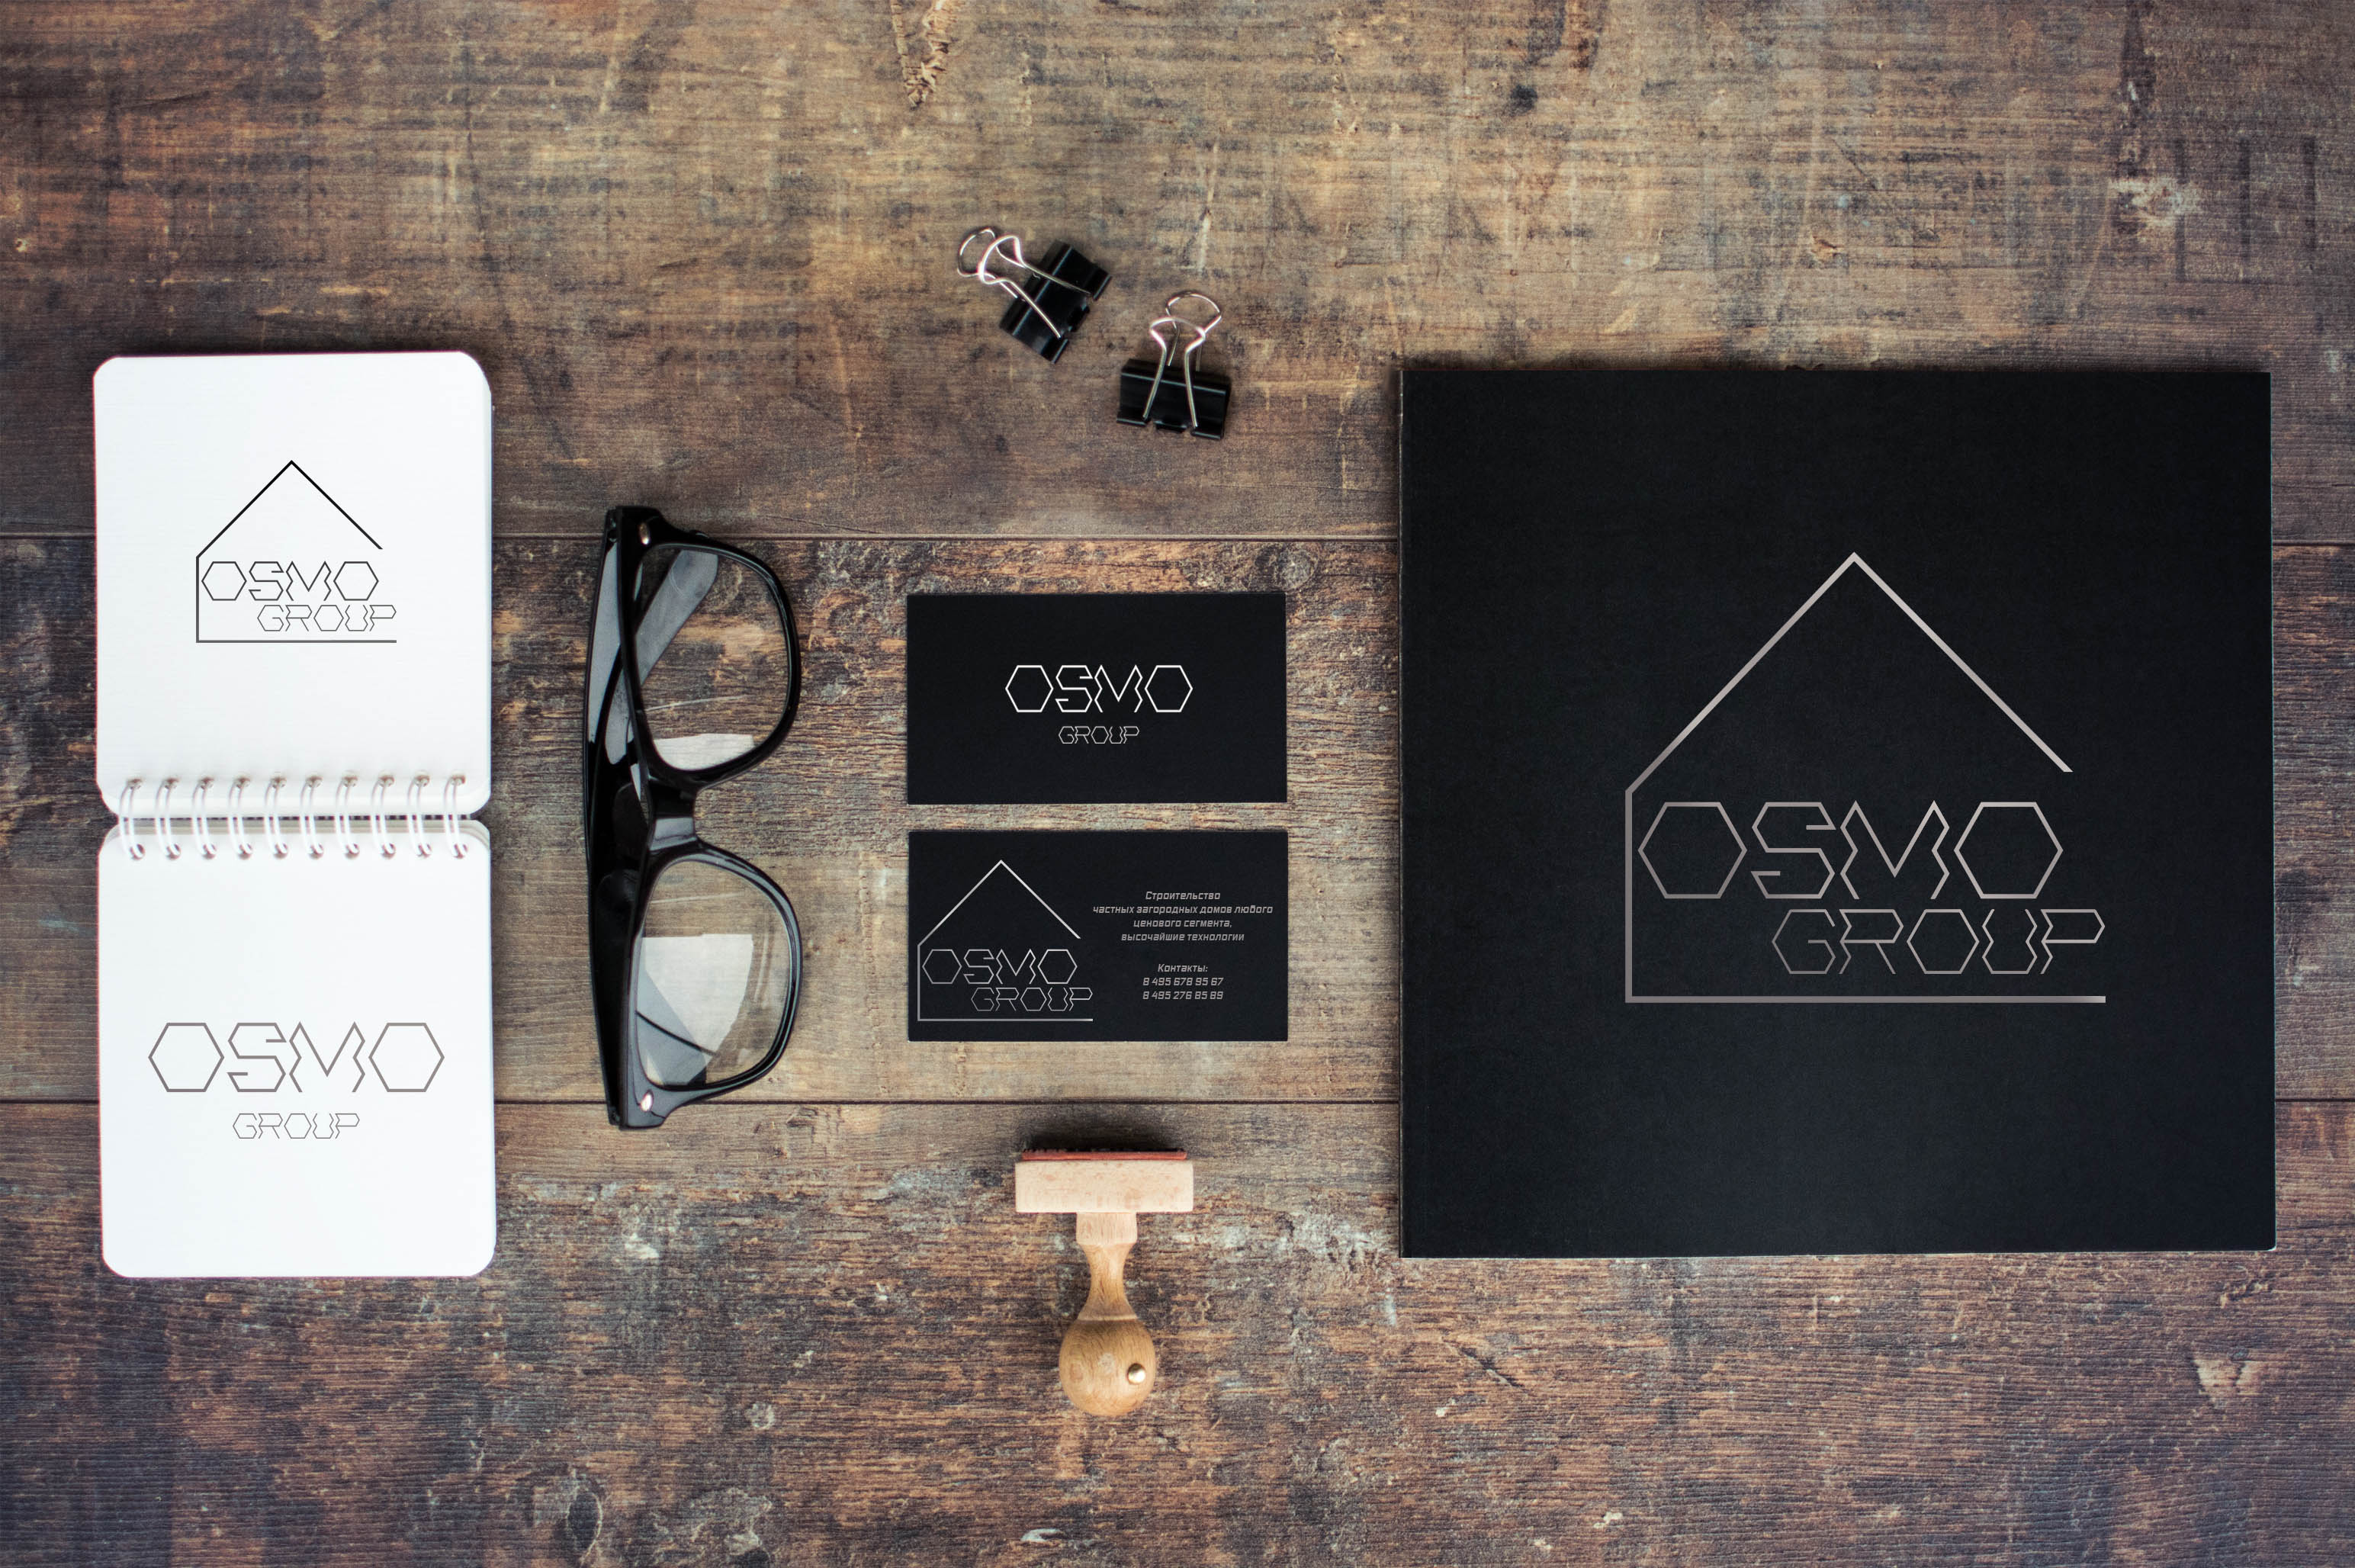 Создание логотипа для строительной компании OSMO group  фото f_04359b52fa0ab3f4.jpg